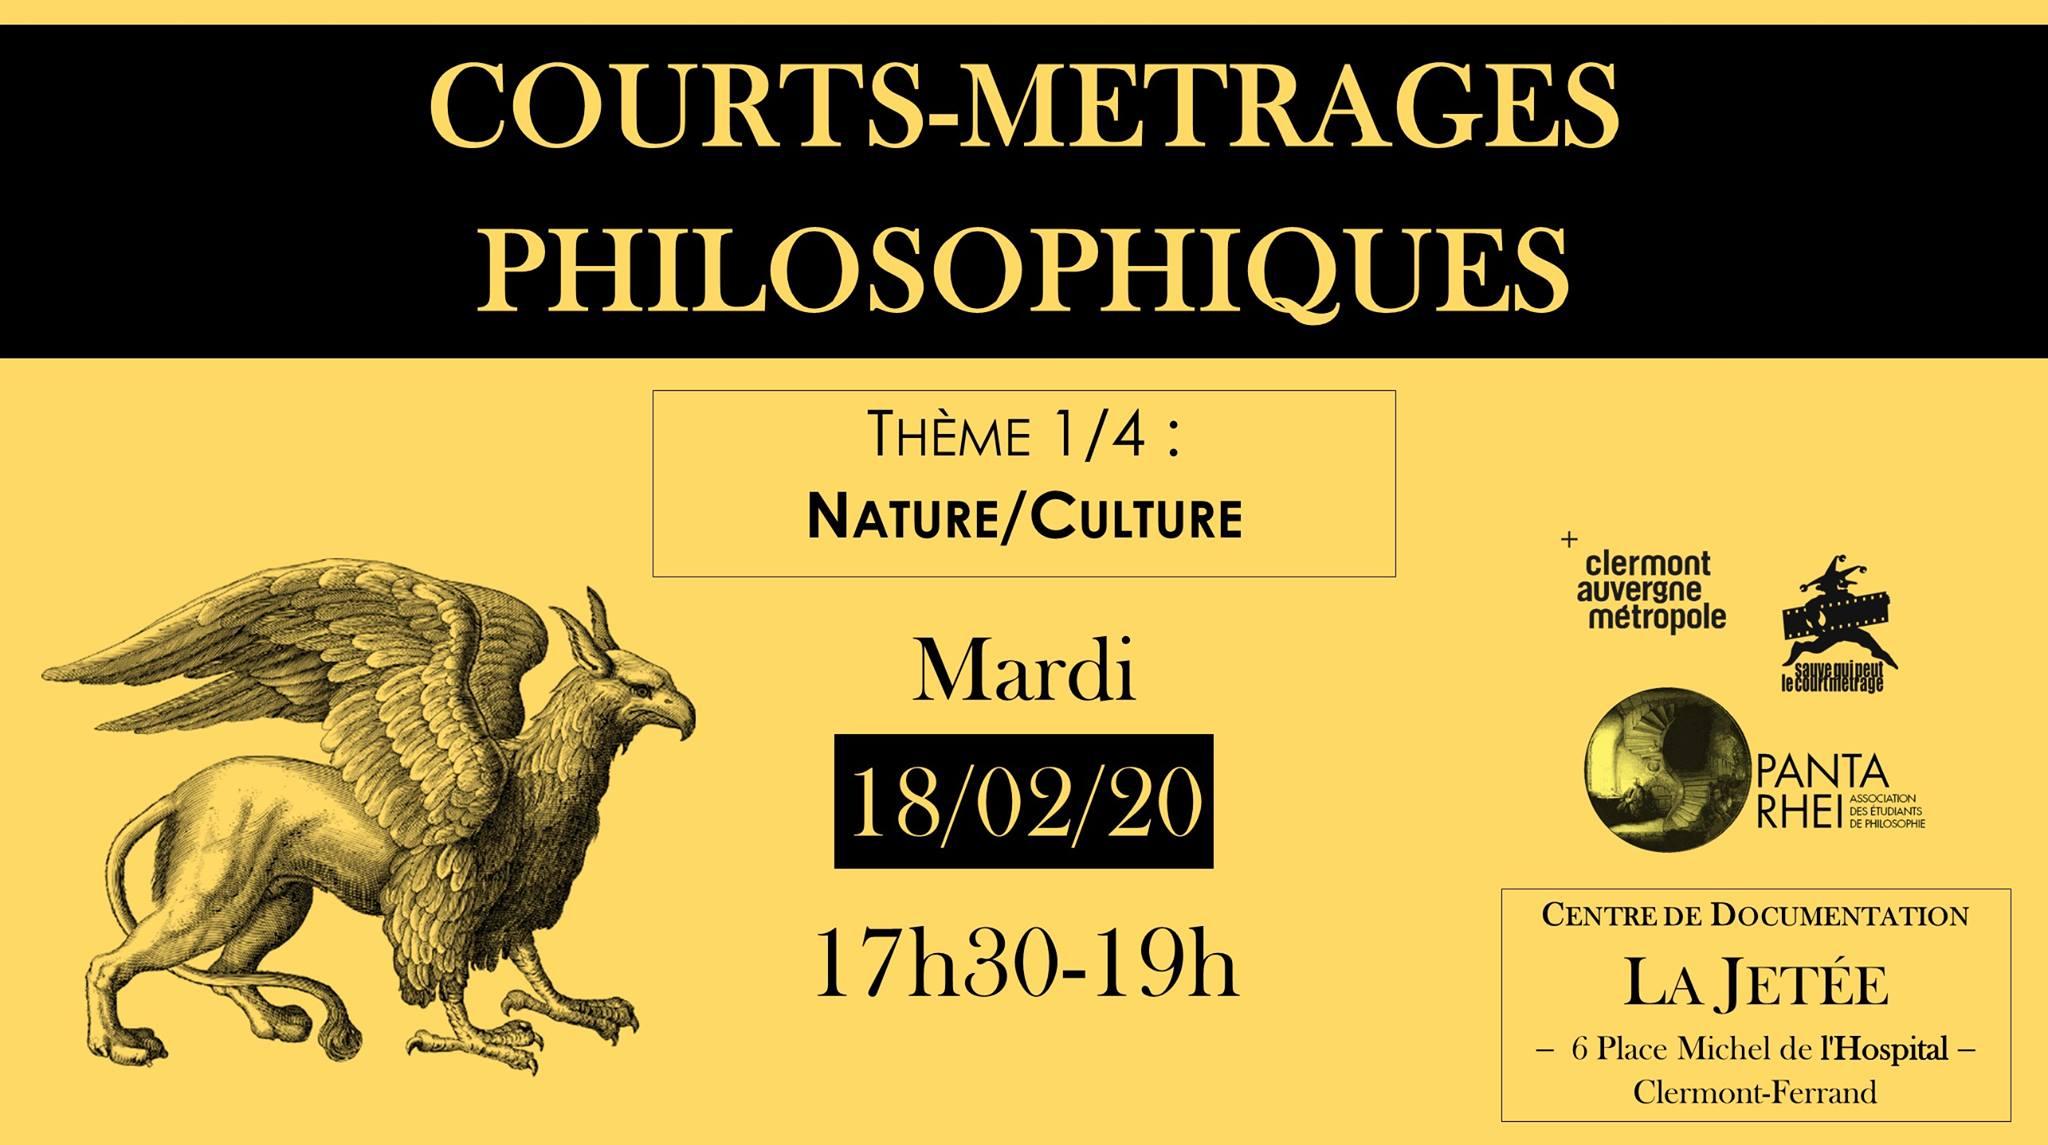 Courts-Metrages Philosophiques 1/4 - Nature / Culture @ Centre de documentation (La Jetée) | Clermont-Ferrand | Auvergne-Rhône-Alpes | France